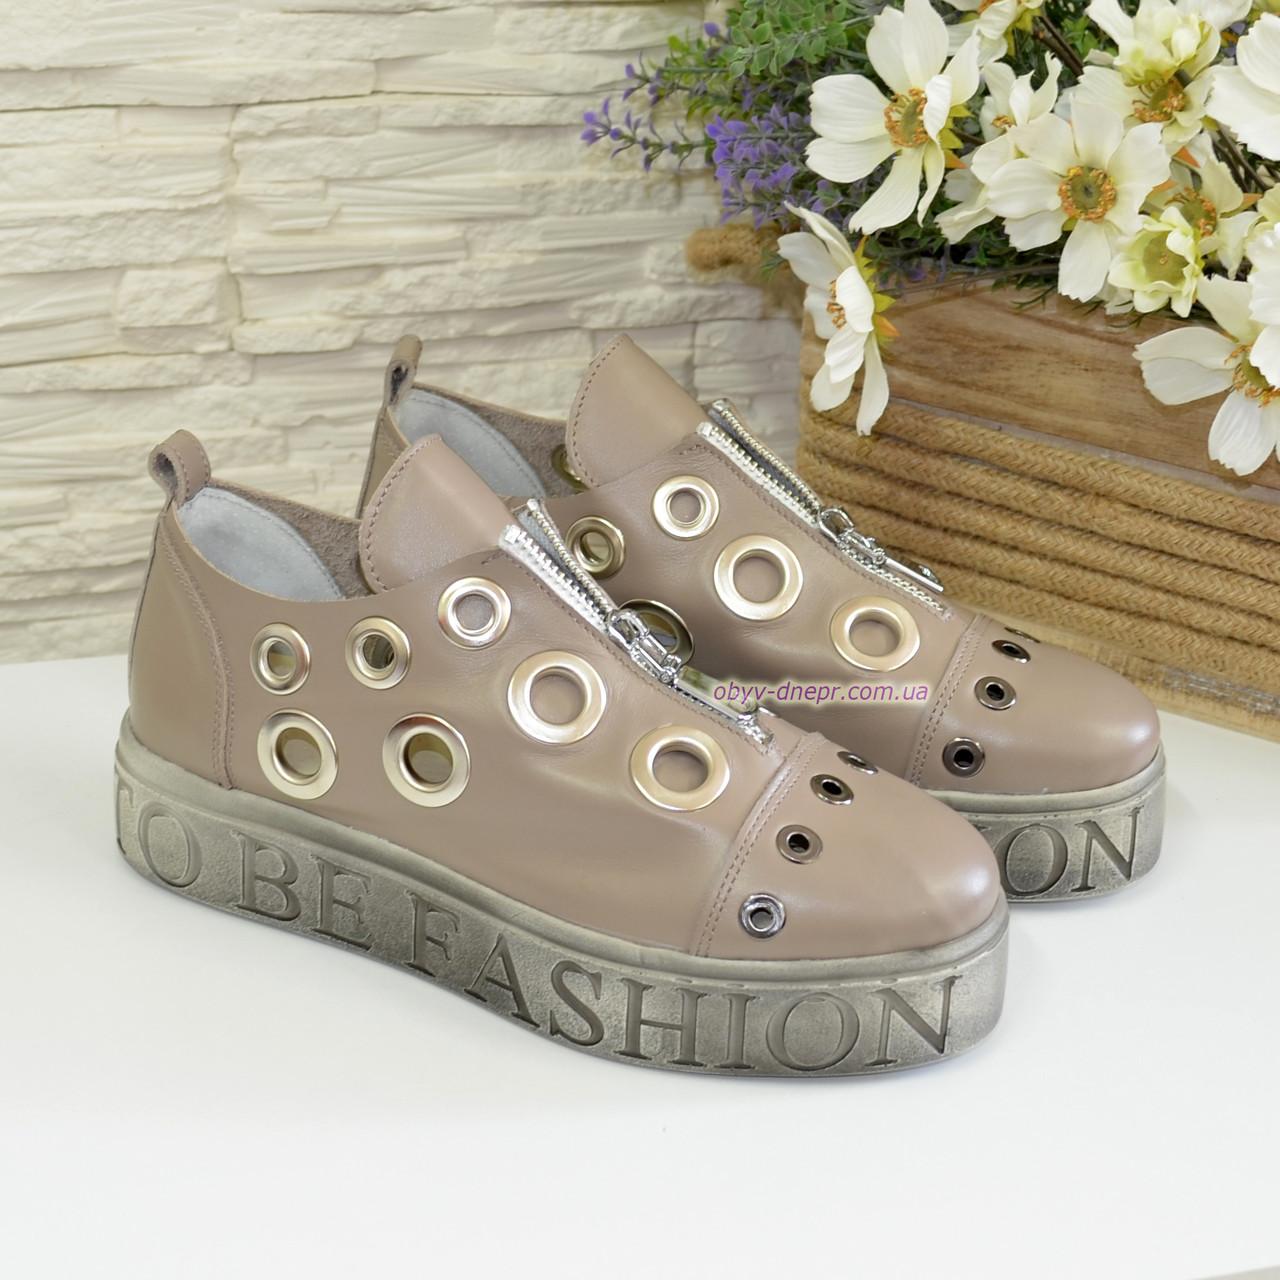 Туфли женские на утолщенной подошве, из натуральной кожи цвета визон